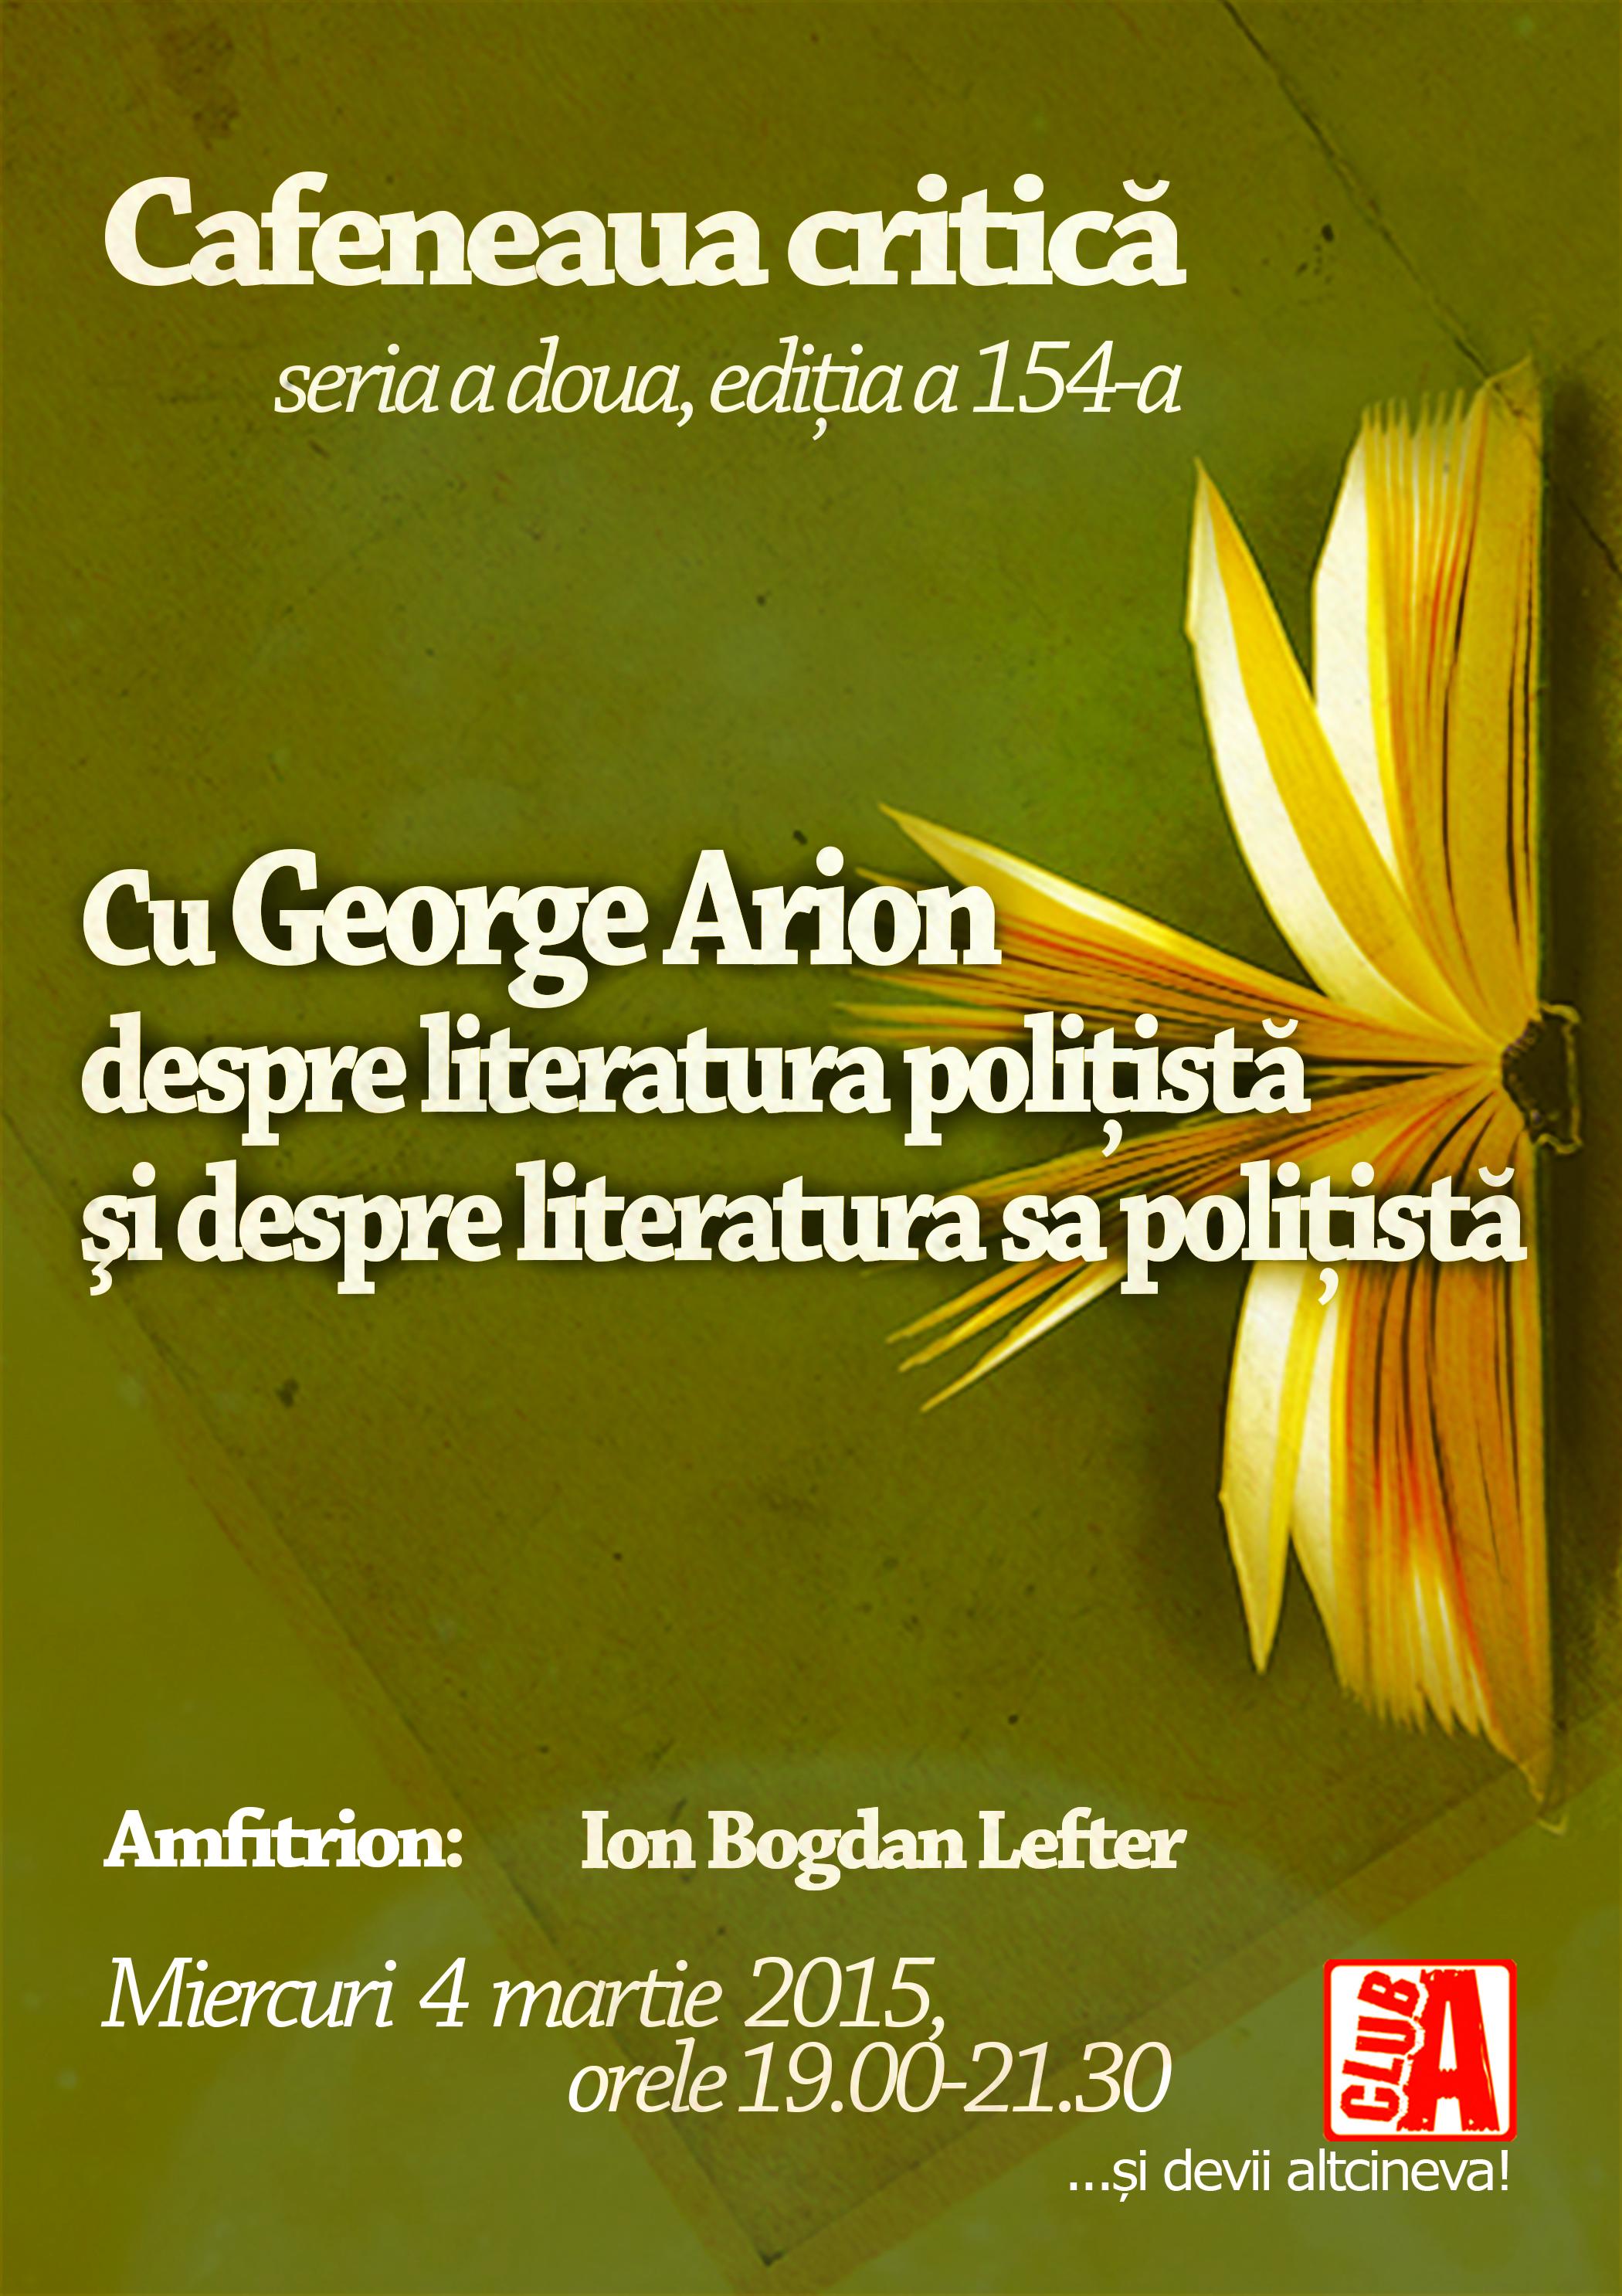 George Arion @ Cafeneaua critică